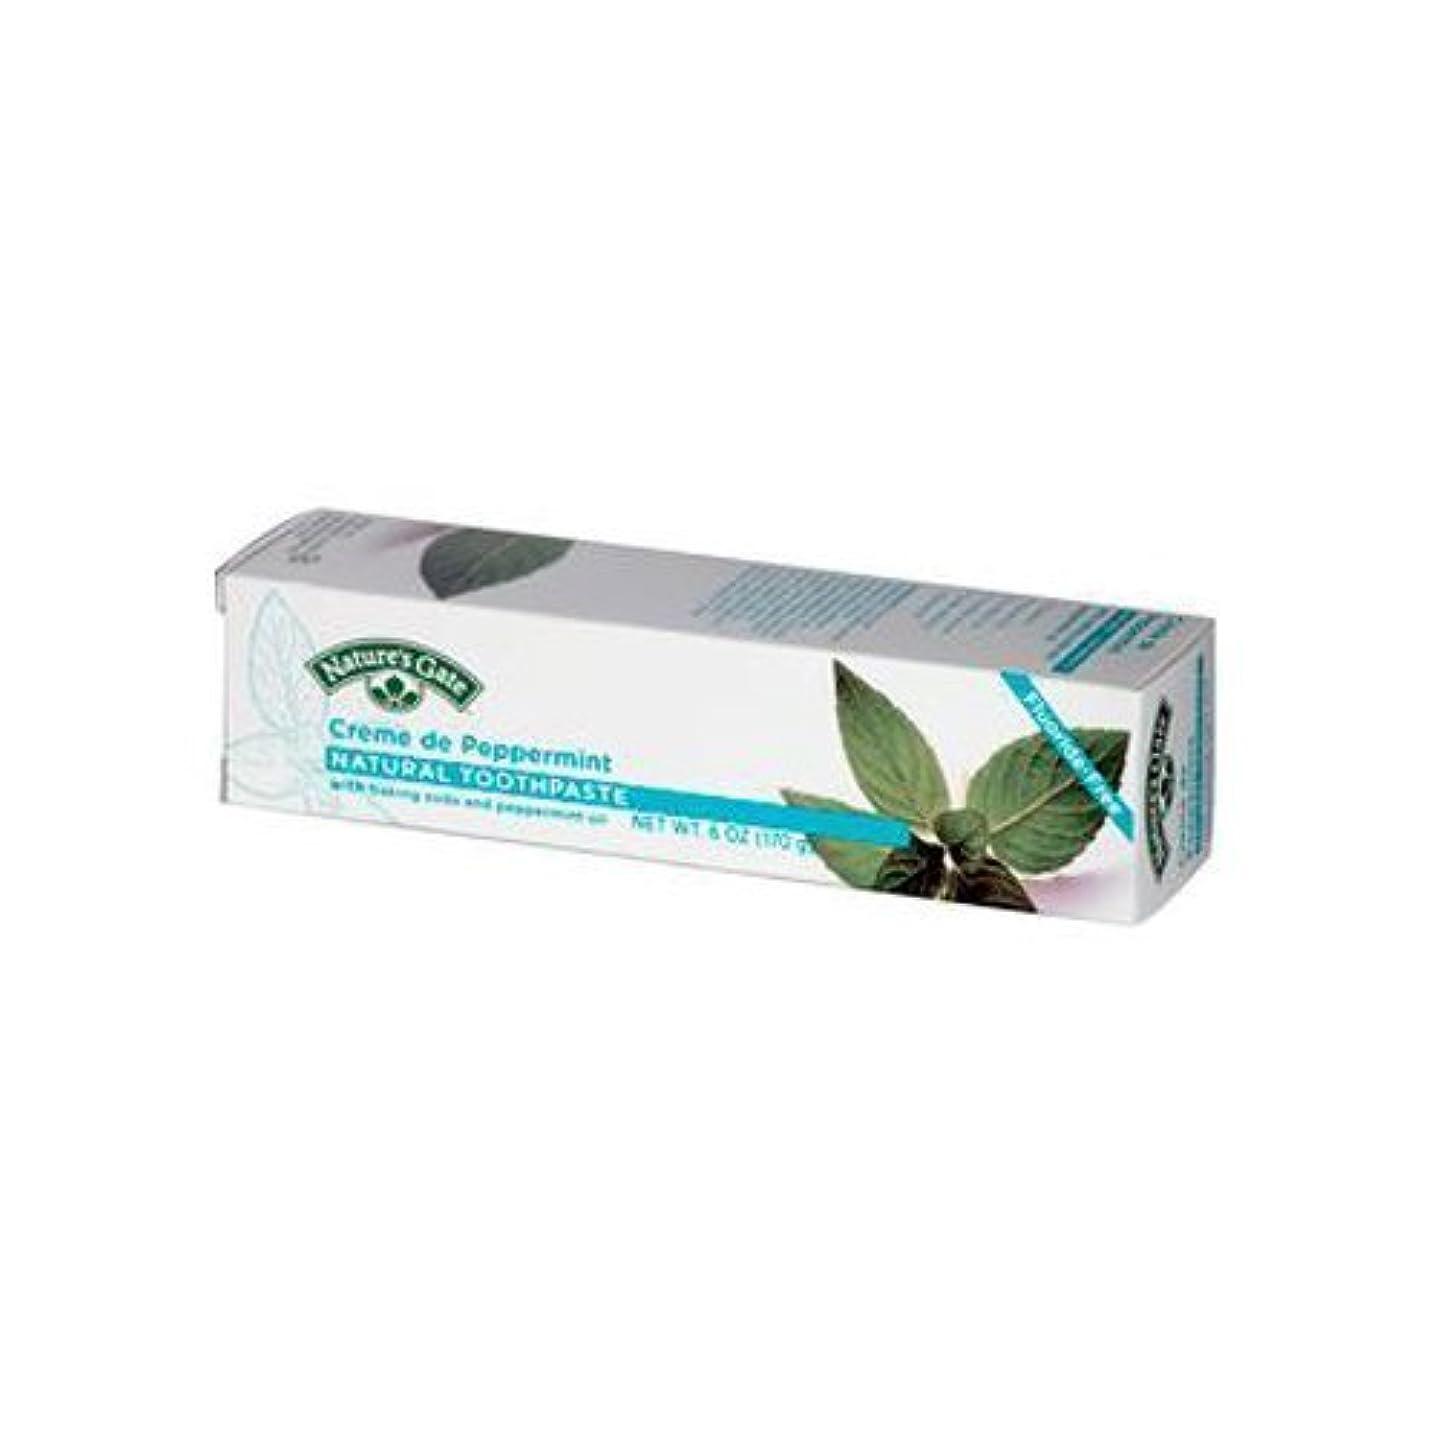 製作口述幻想的Natures Gate Natural Toothpaste Cr?me De Peppermint - 6 oz - Case of 6 by NATURE'S GATE [並行輸入品]